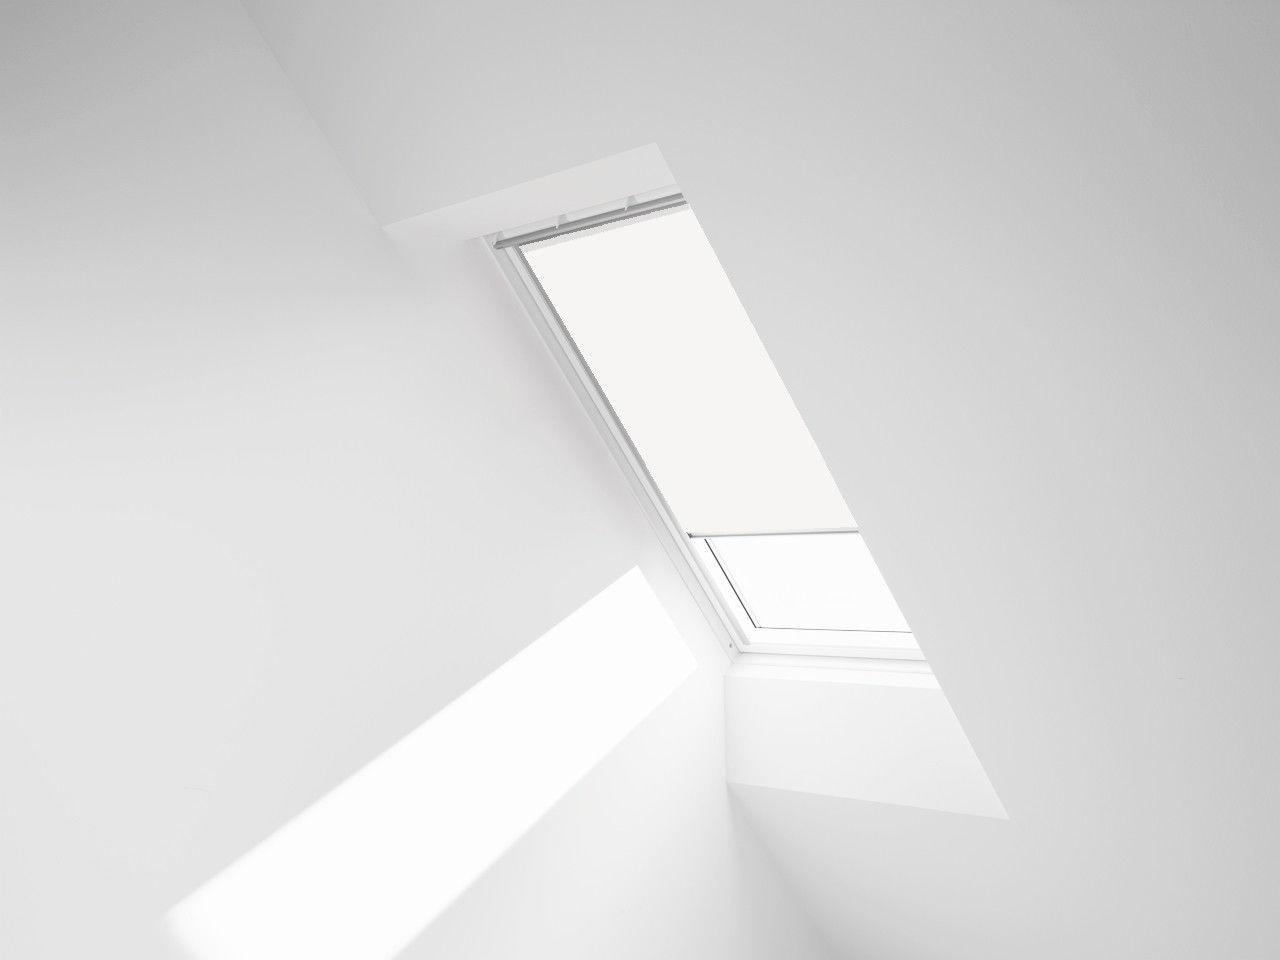 ROLETA ZACIEMNIAJĄCA ROOFART DUR - kolor 4208 (biały) - 66x118 F6A